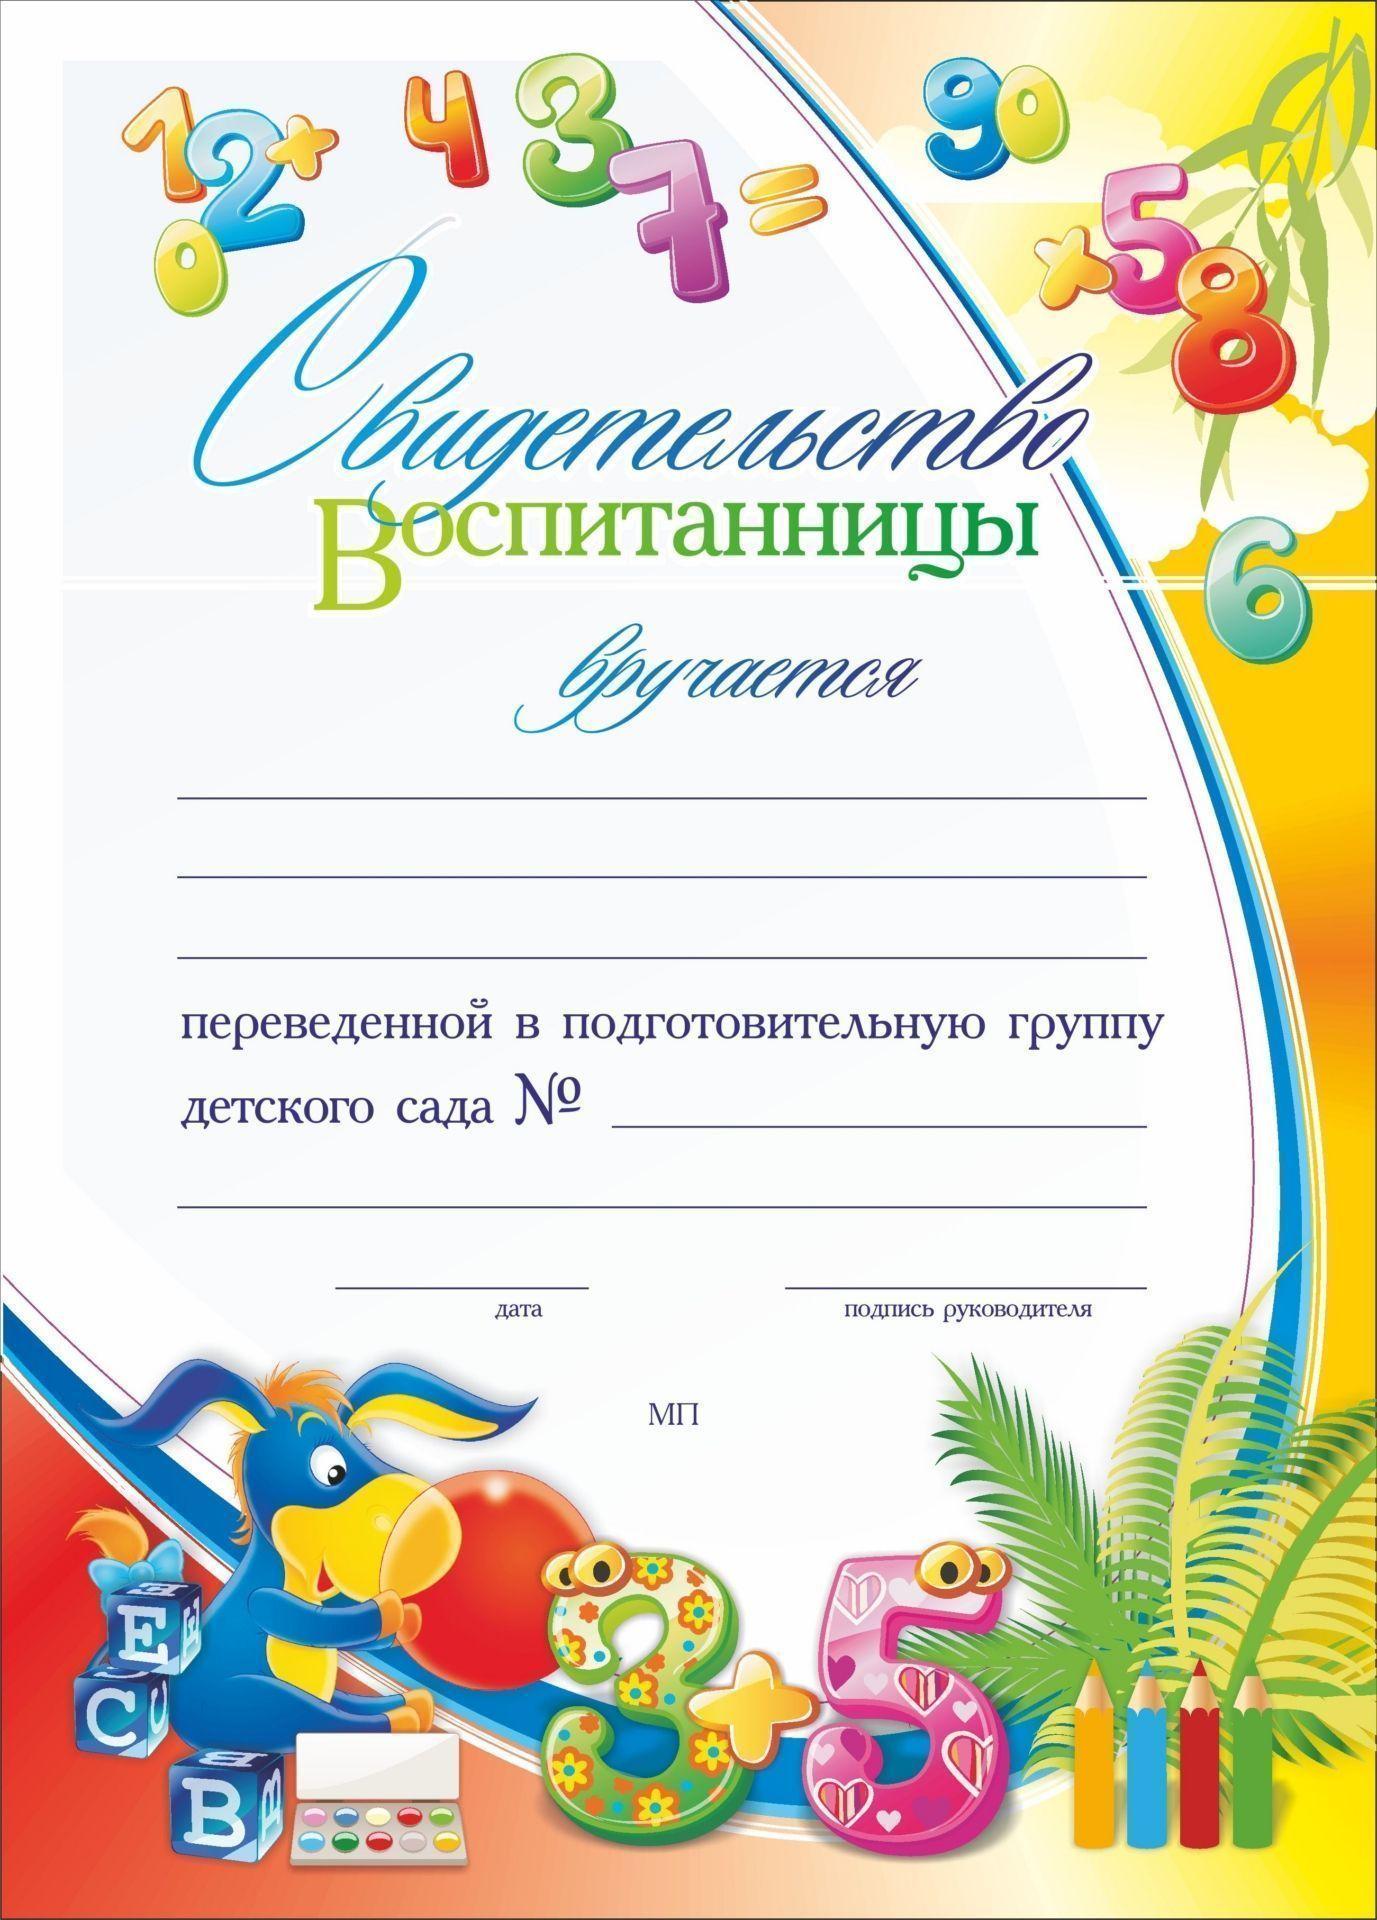 Свидетельство воспитанницы, переведенной в подготовительную группу детского сада: Формат А4, бумага мелованная матовая, пл.250